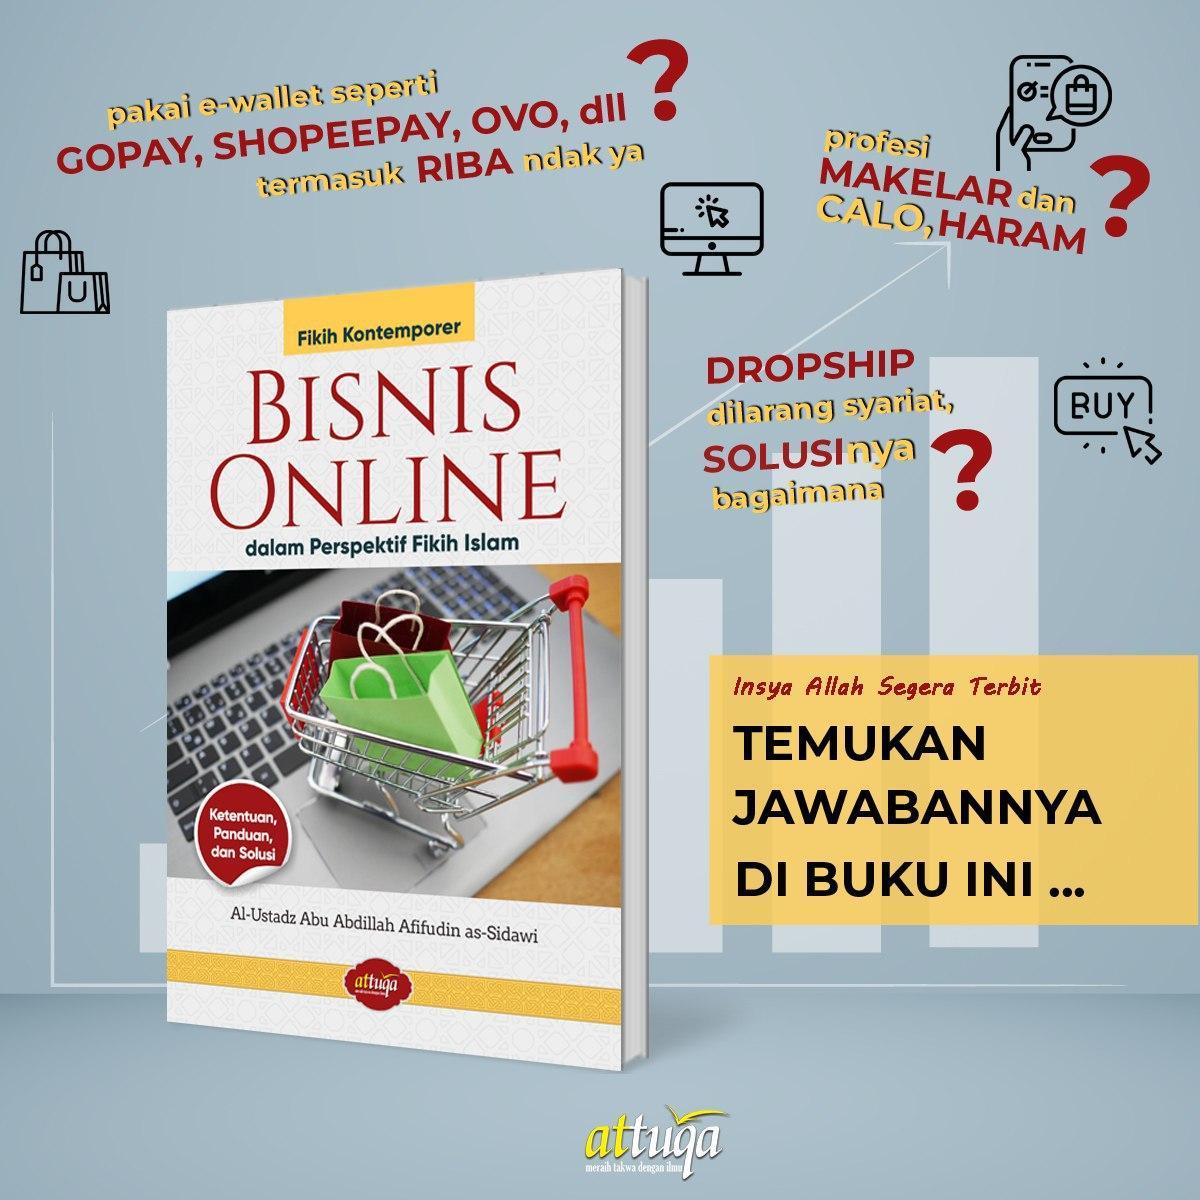 Buku Bisnis Online dalam Perspektif Fikih Islam Attuqa